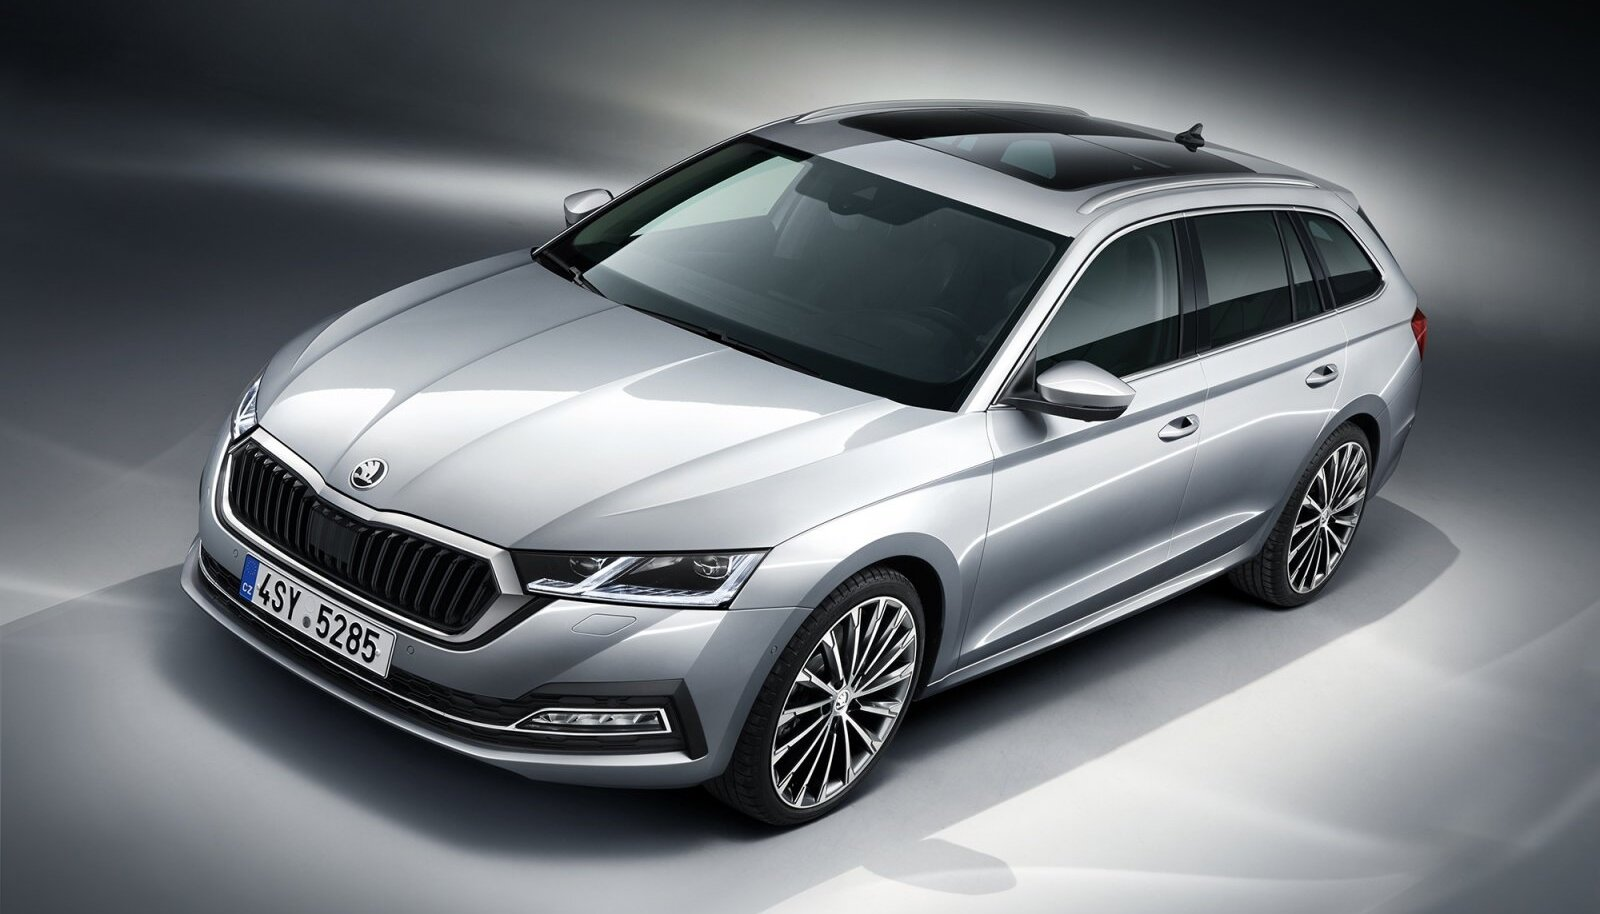 Eestlaste ühe lemmikauto Škoda Octavia kuni kahe aasta vanuseid versioone pakutakse auto24 veebikeskkonnas praegu müüa hinnavahemikus 13 500–33 500 eurot. Kokku leiab sealt 48 sellist kuulutust.